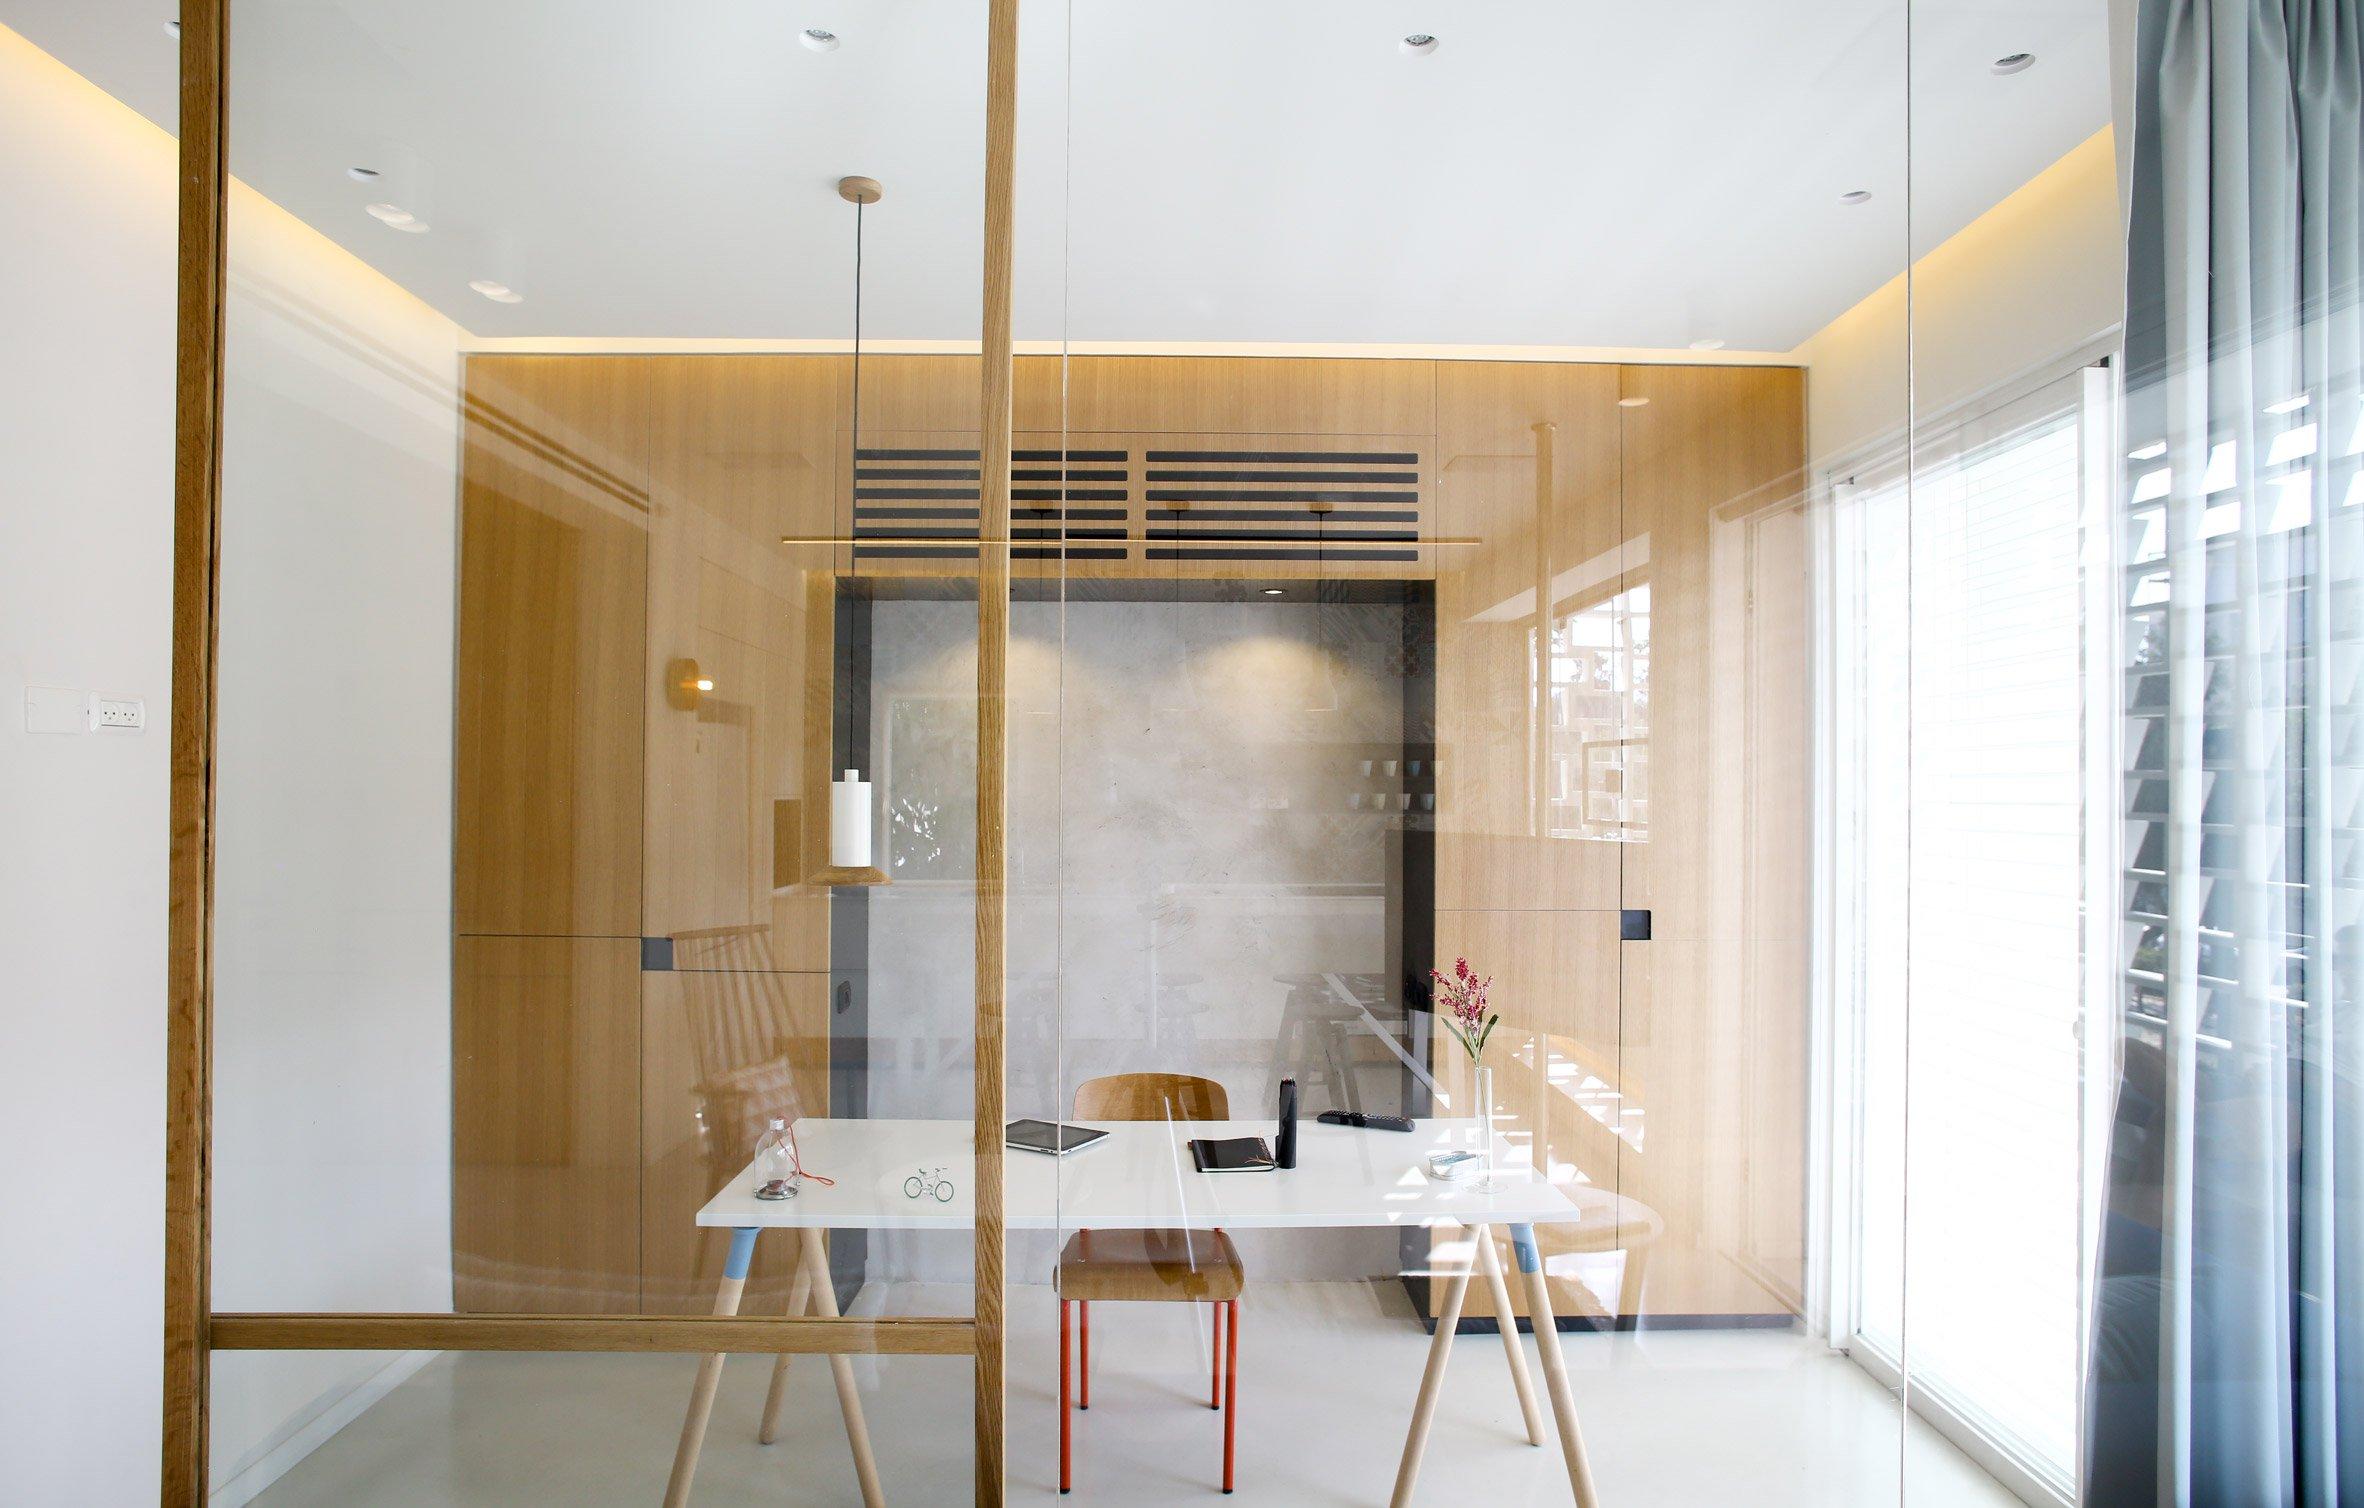 architecture-apartment-tel-aviv-design-studia-interiors-osnovadesign-osnova-poltava_05